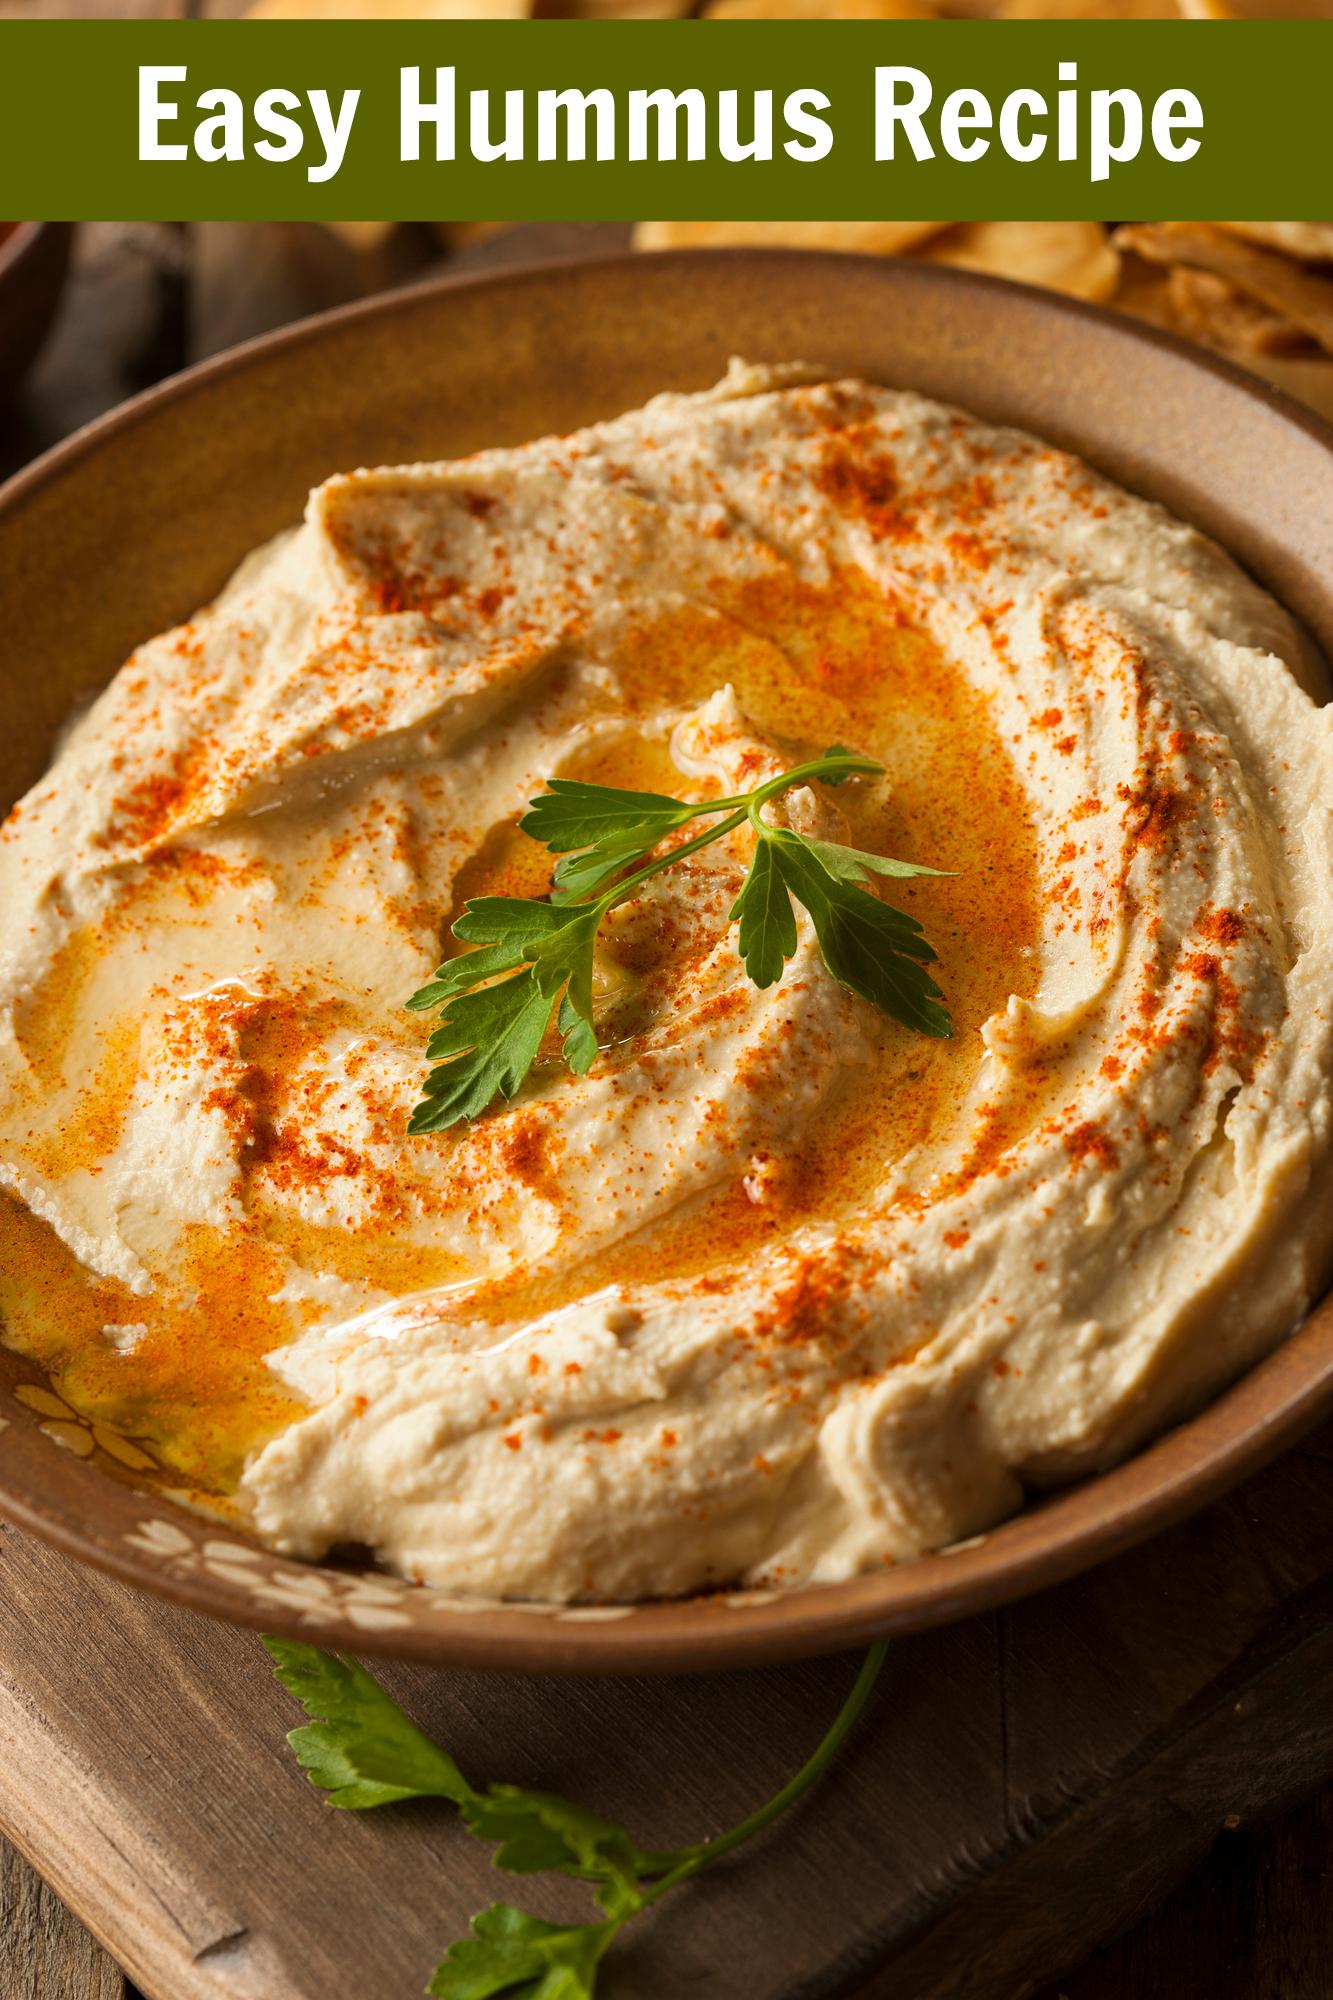 Easy Nutribullet Hummus Recipe - All Nutribullet Recipes